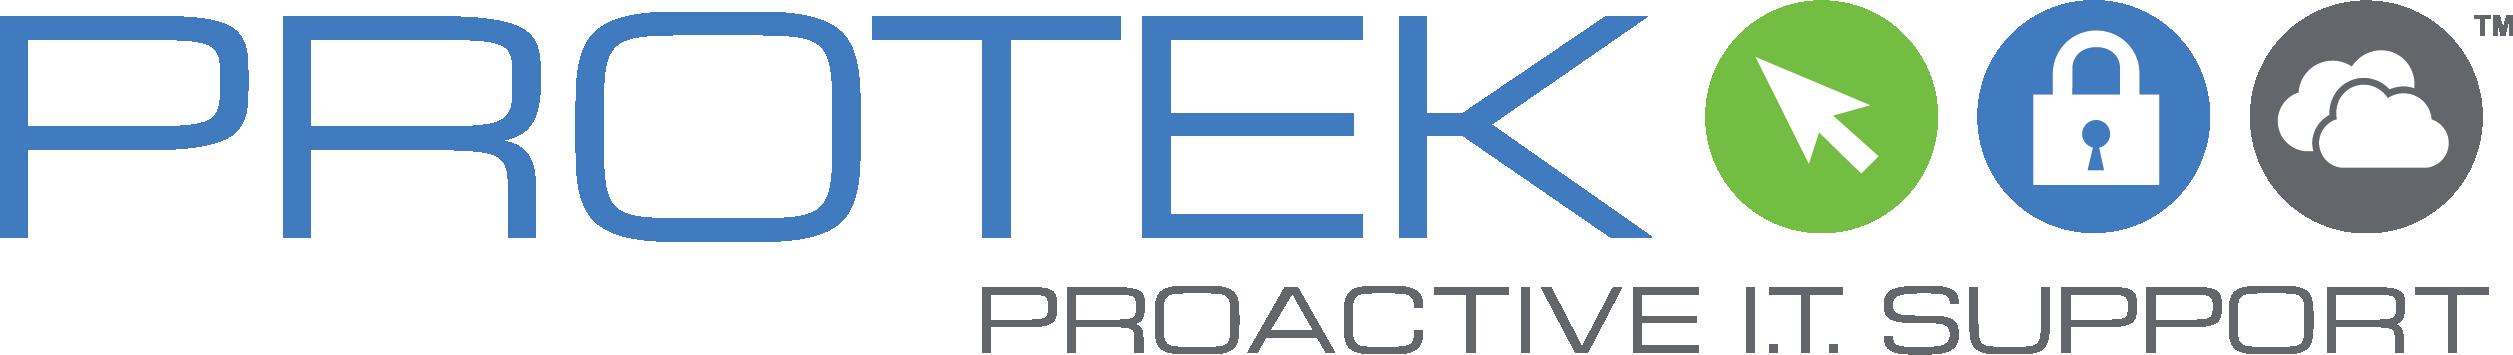 Protek Support Logo